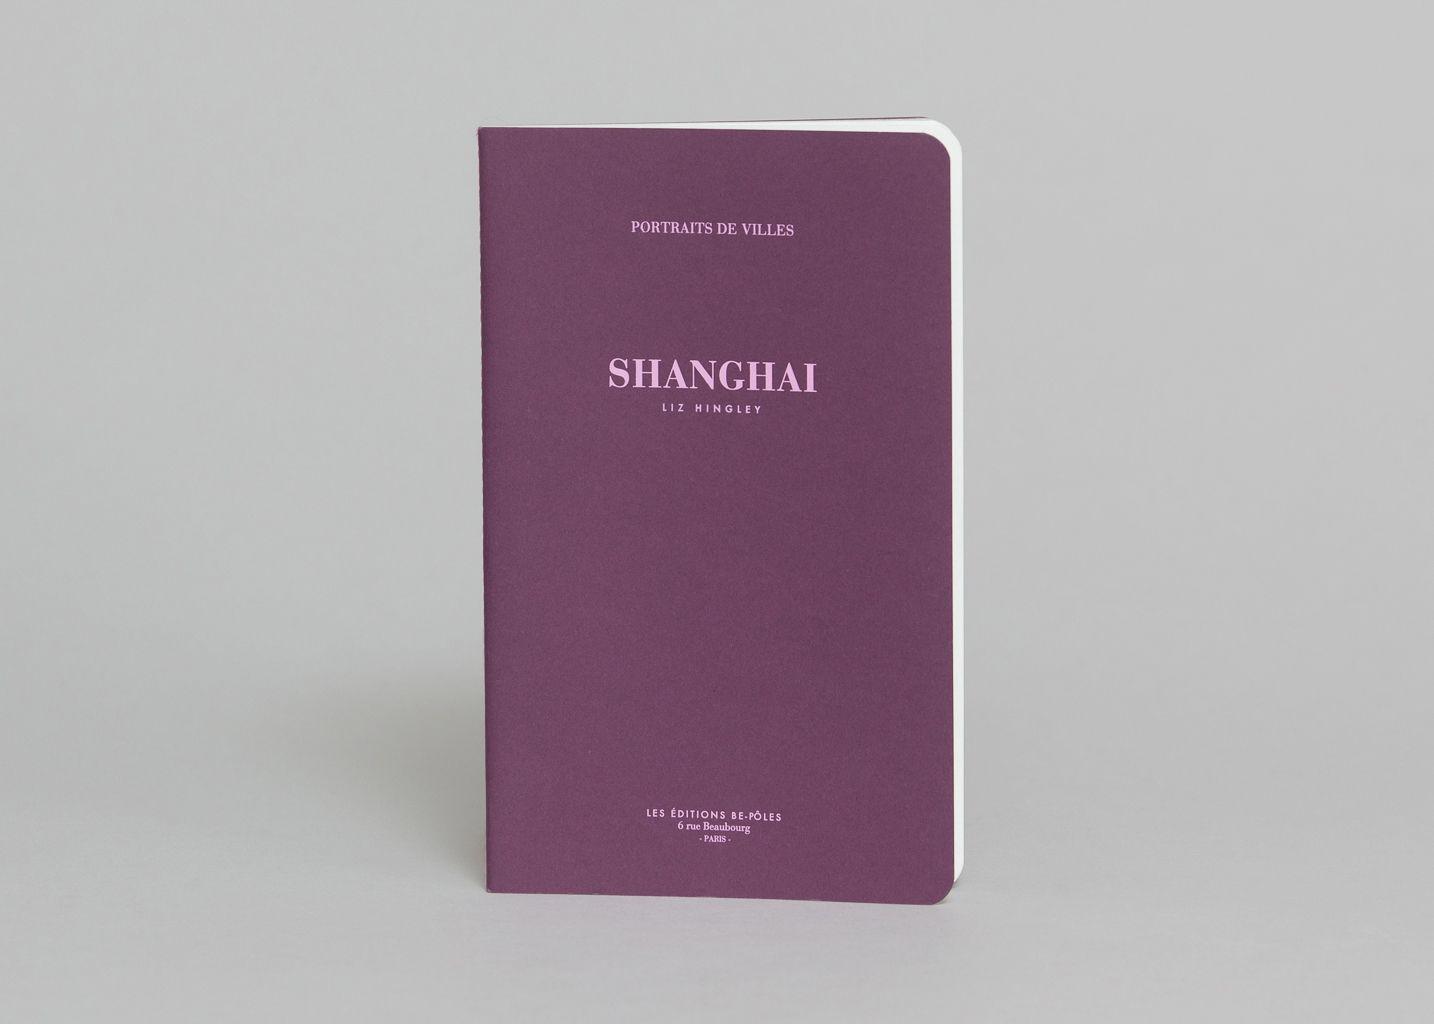 Shanghai - be-poles